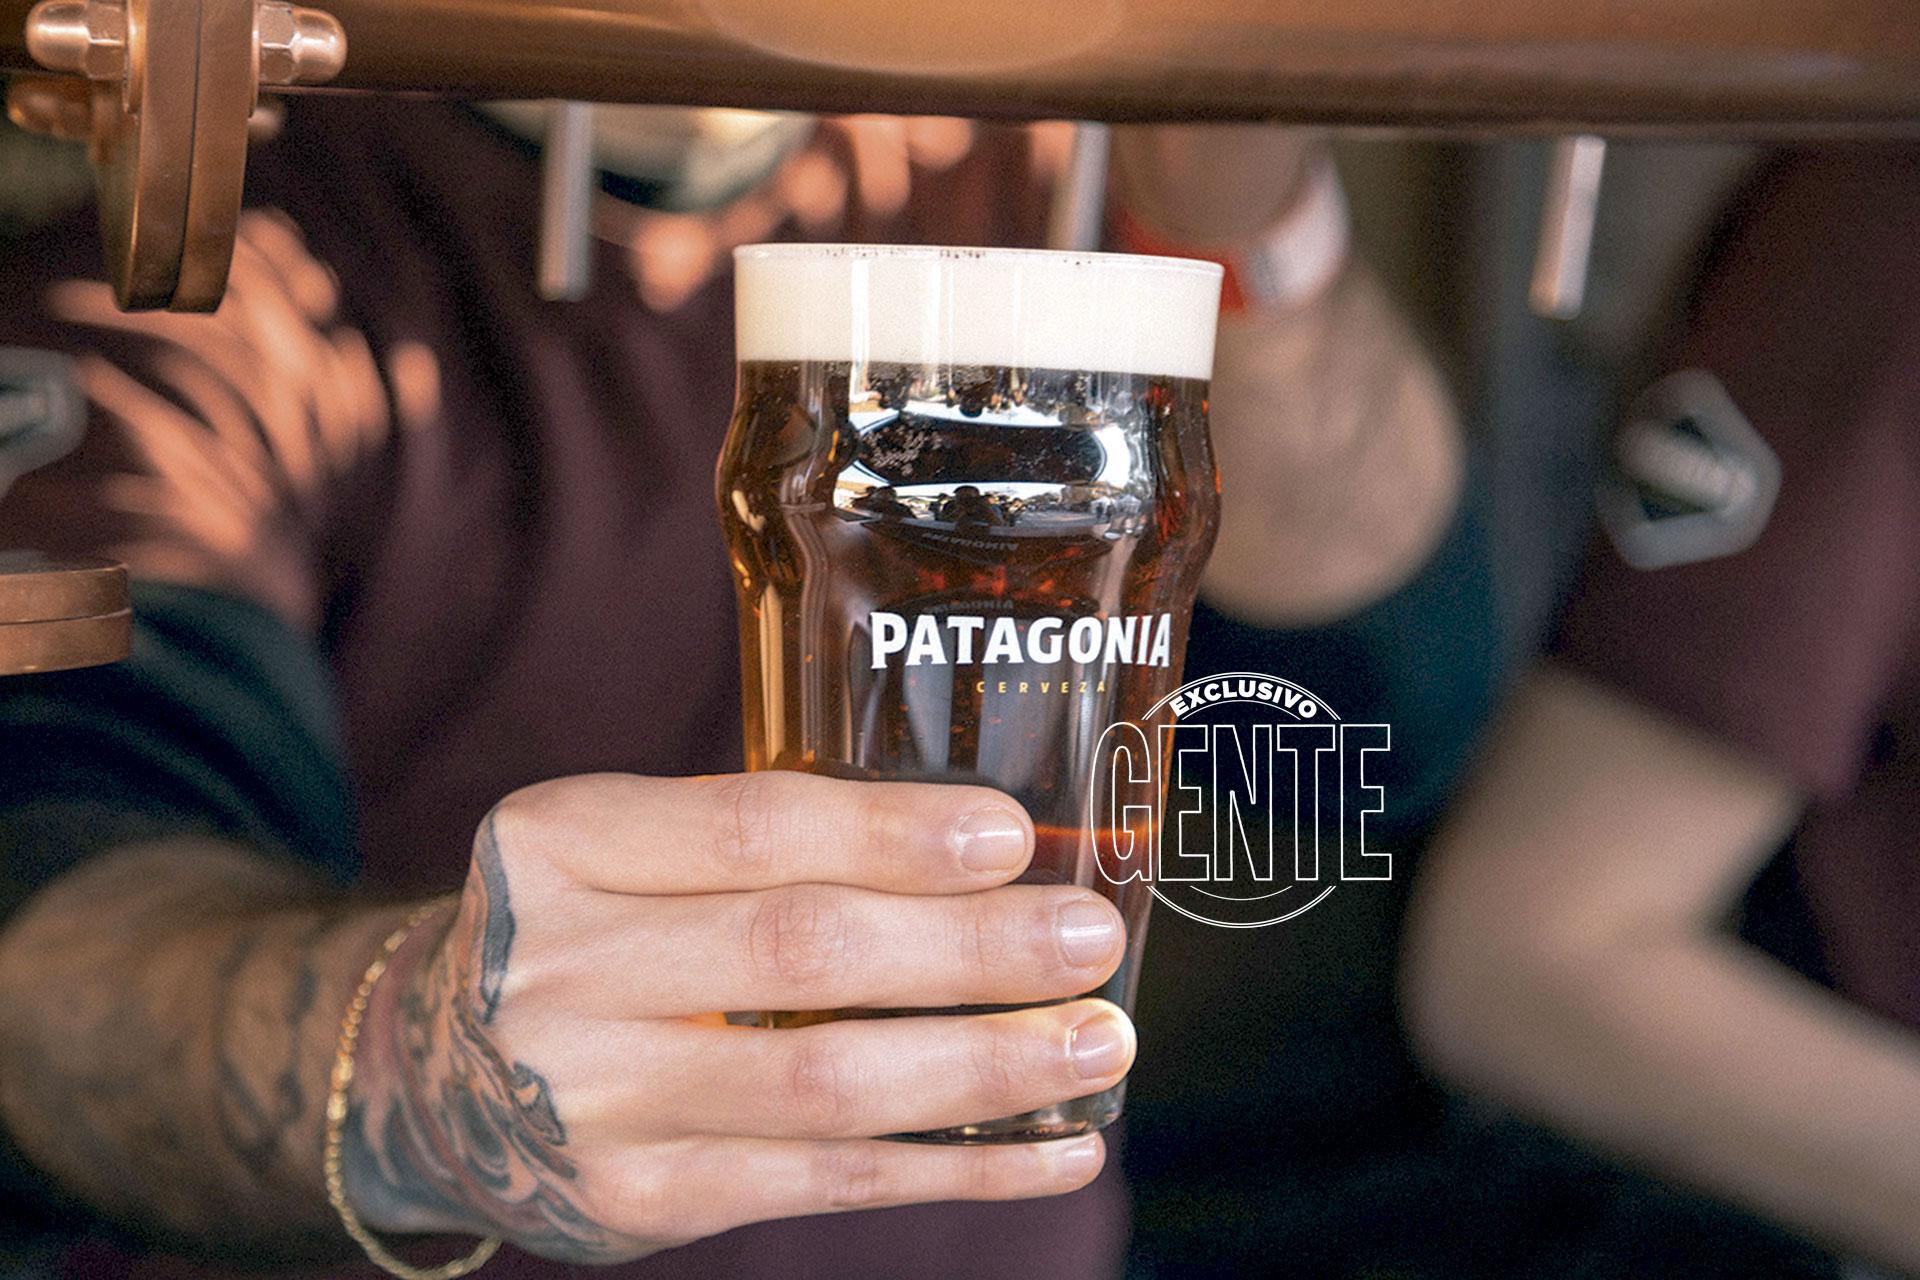 Cerveza Patagonia. Octubrefest. Edición limitada 2018.